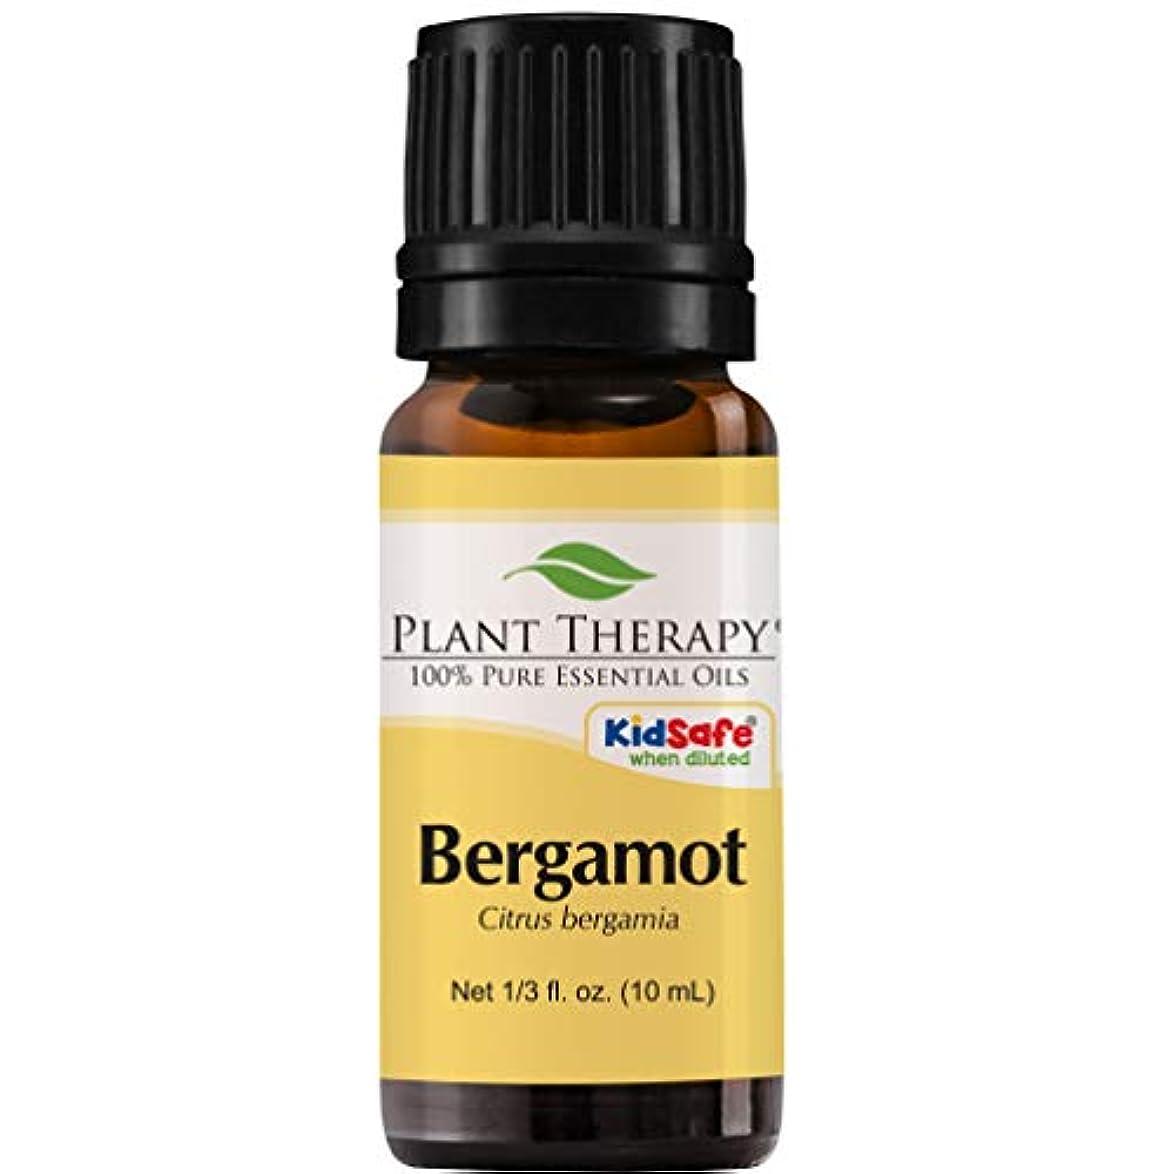 本土思慮のないラテンPlant Therapy Essential Oils (プラントセラピー エッセンシャルオイル) ベルガモット エッセンシャルオイル